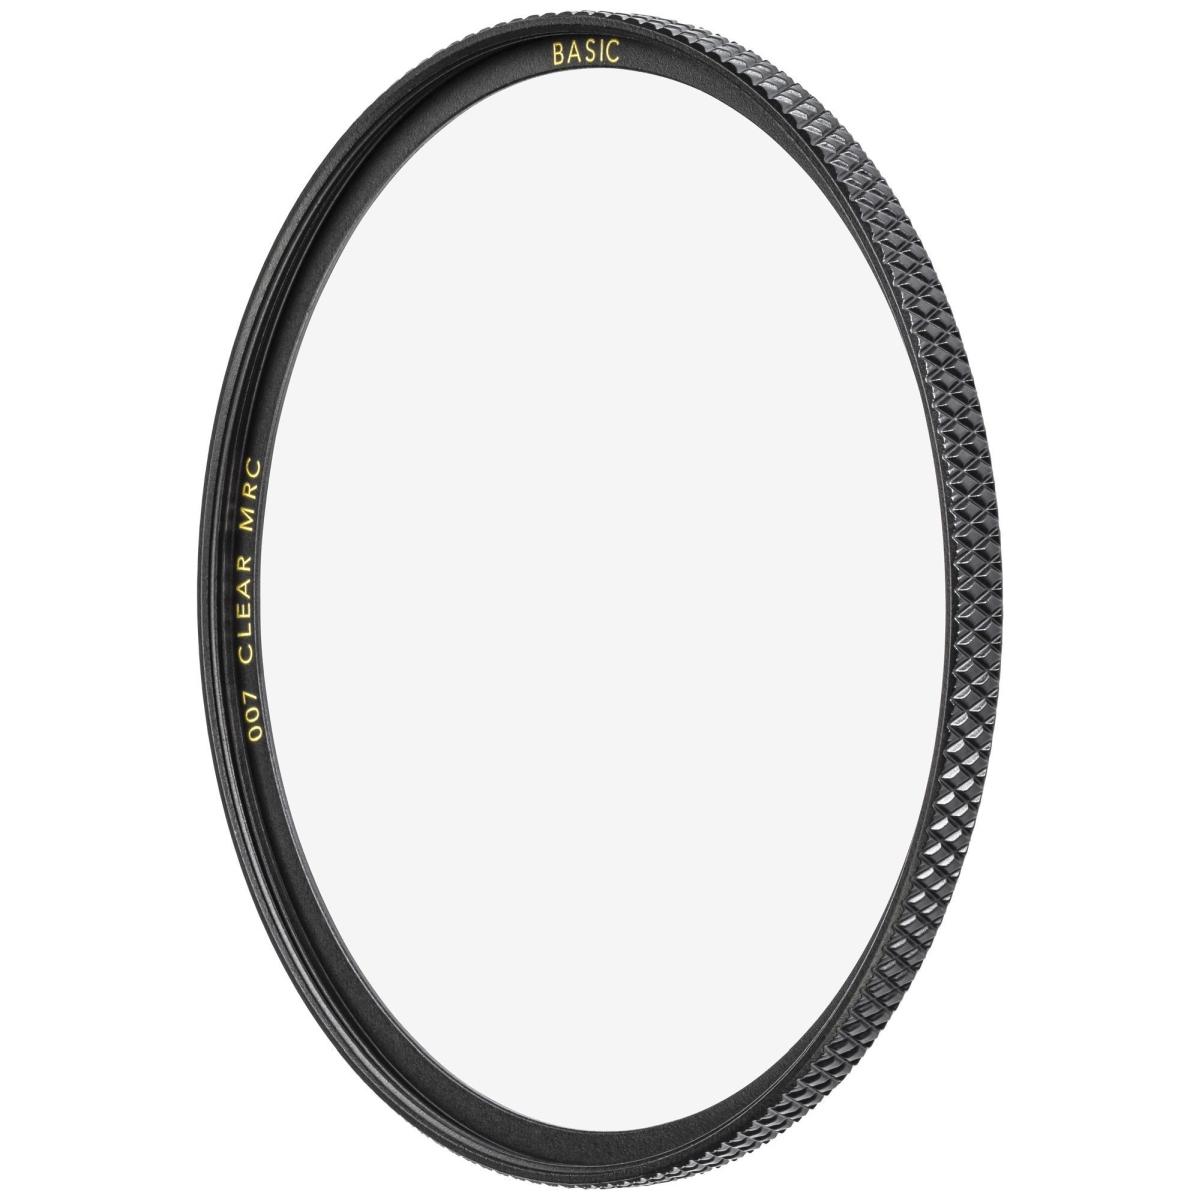 B+W Clear Filter 49 mm MRC Basic